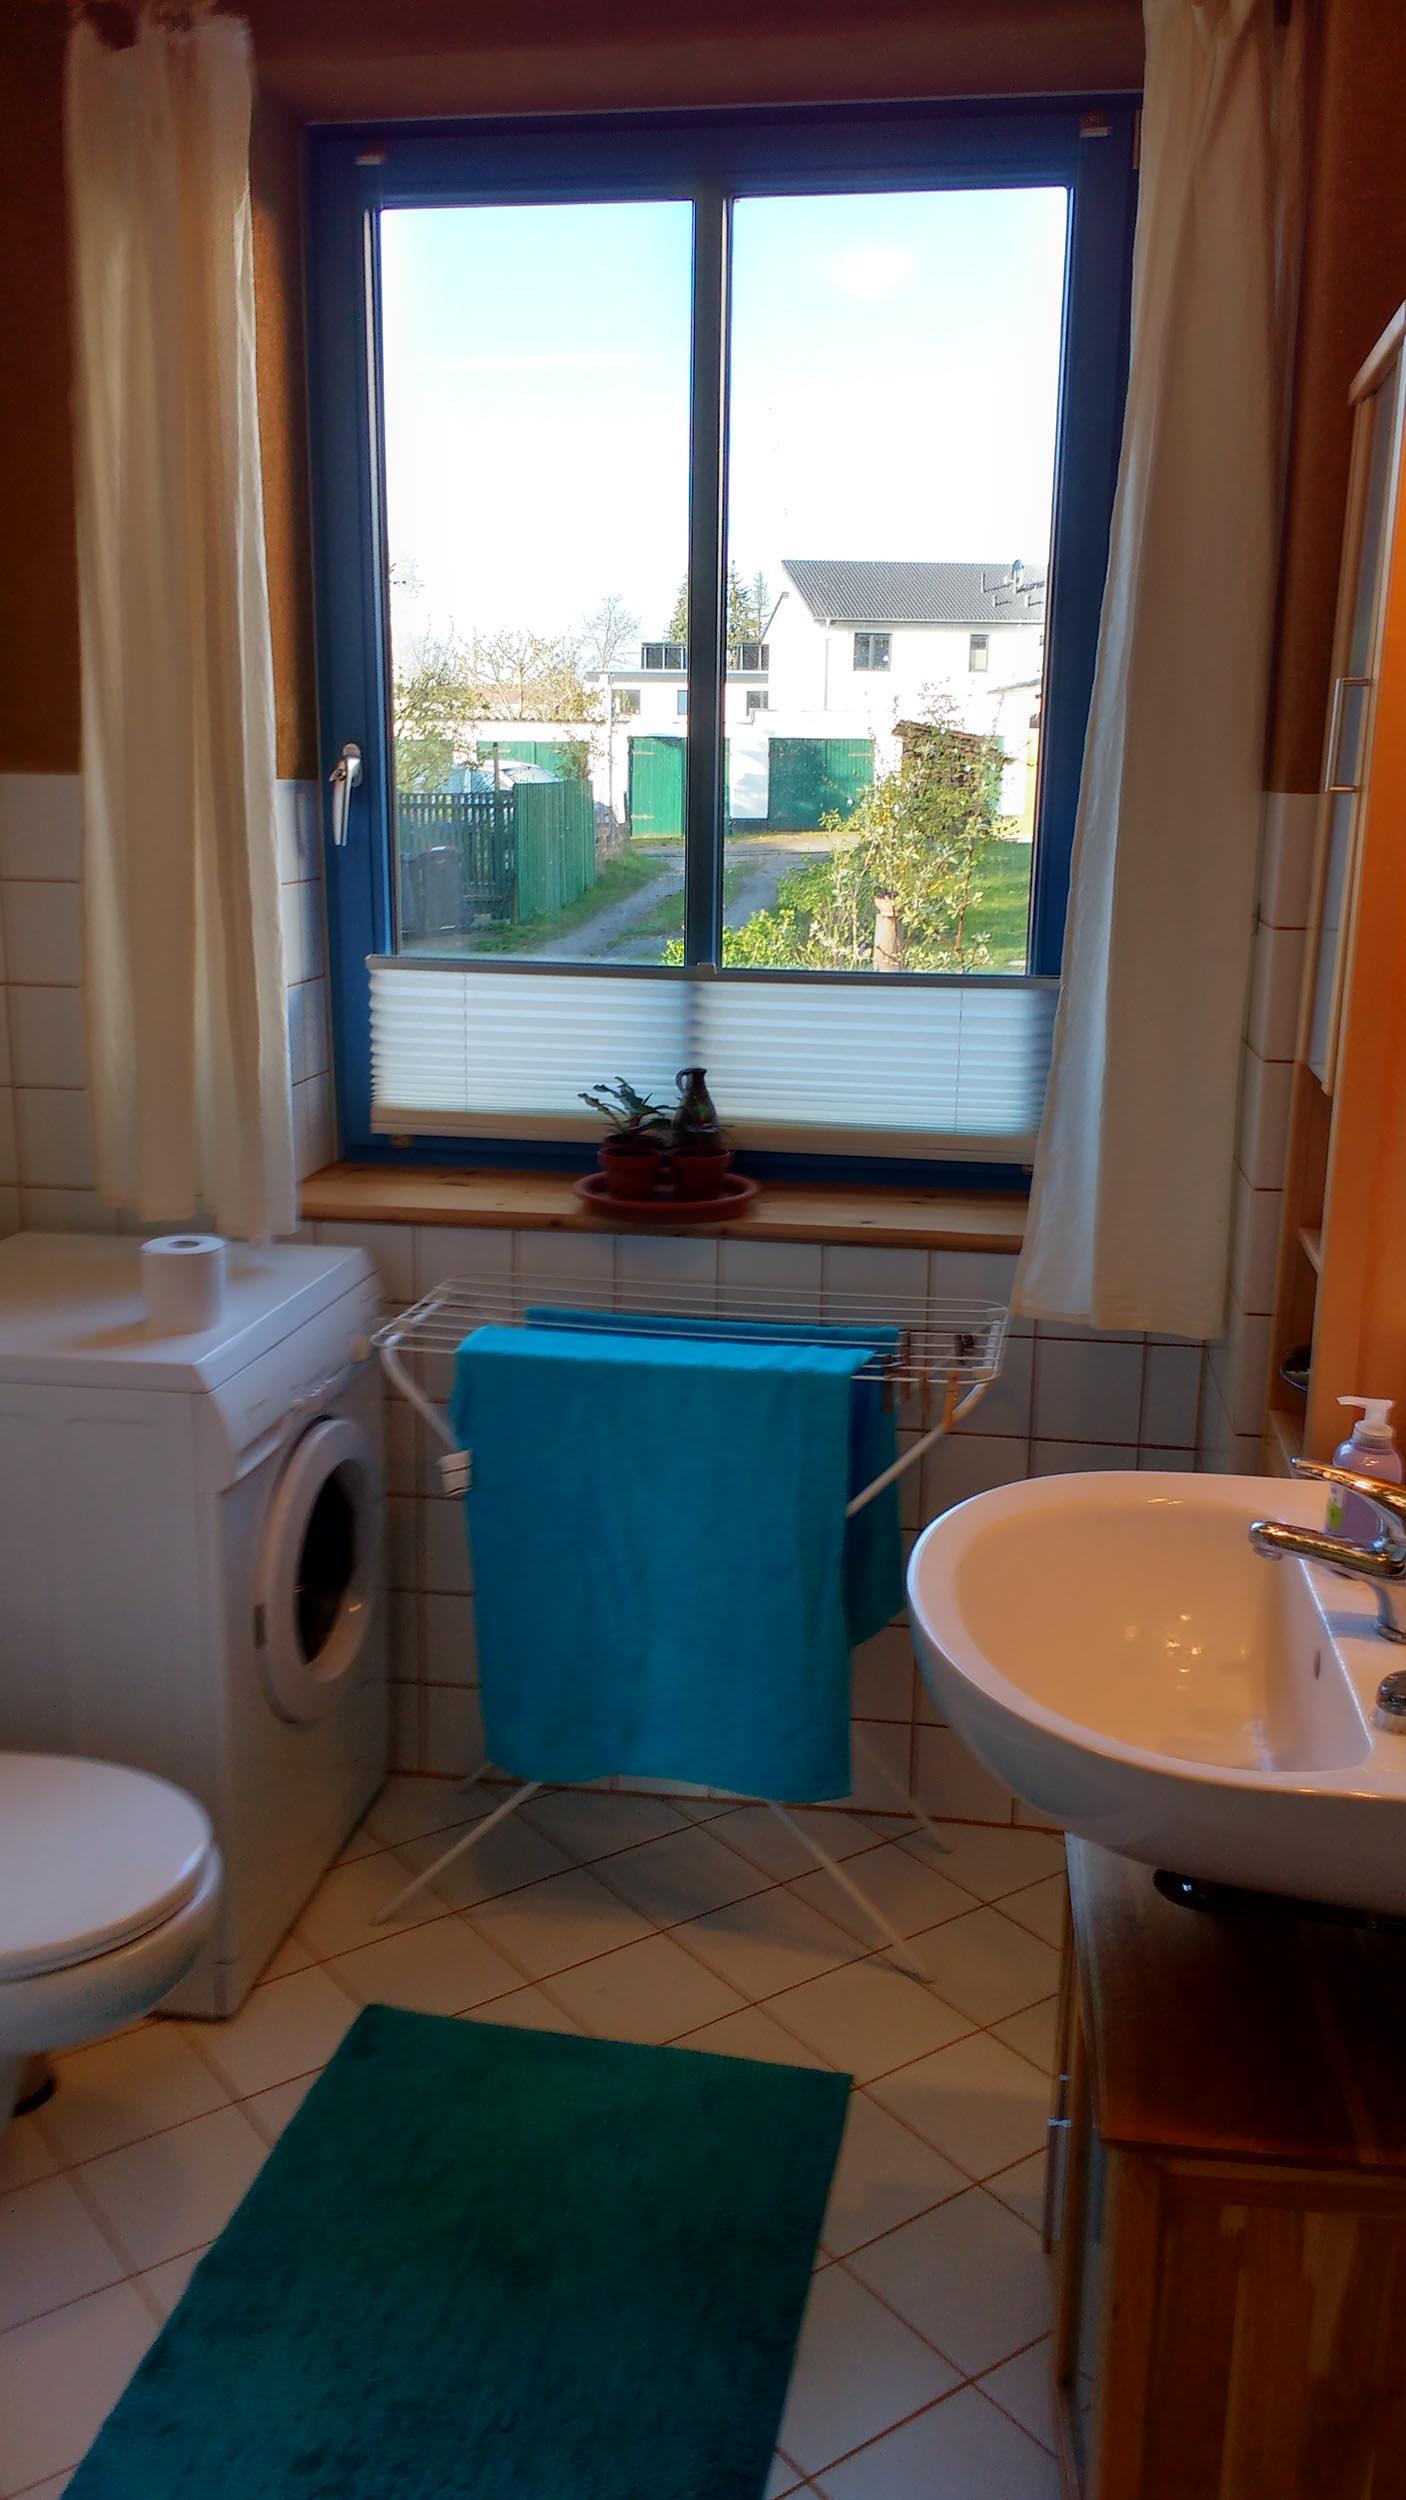 Ferienwohnung Schwerin am Ziegelsee - Bad mit Dusche und Waschmaschine